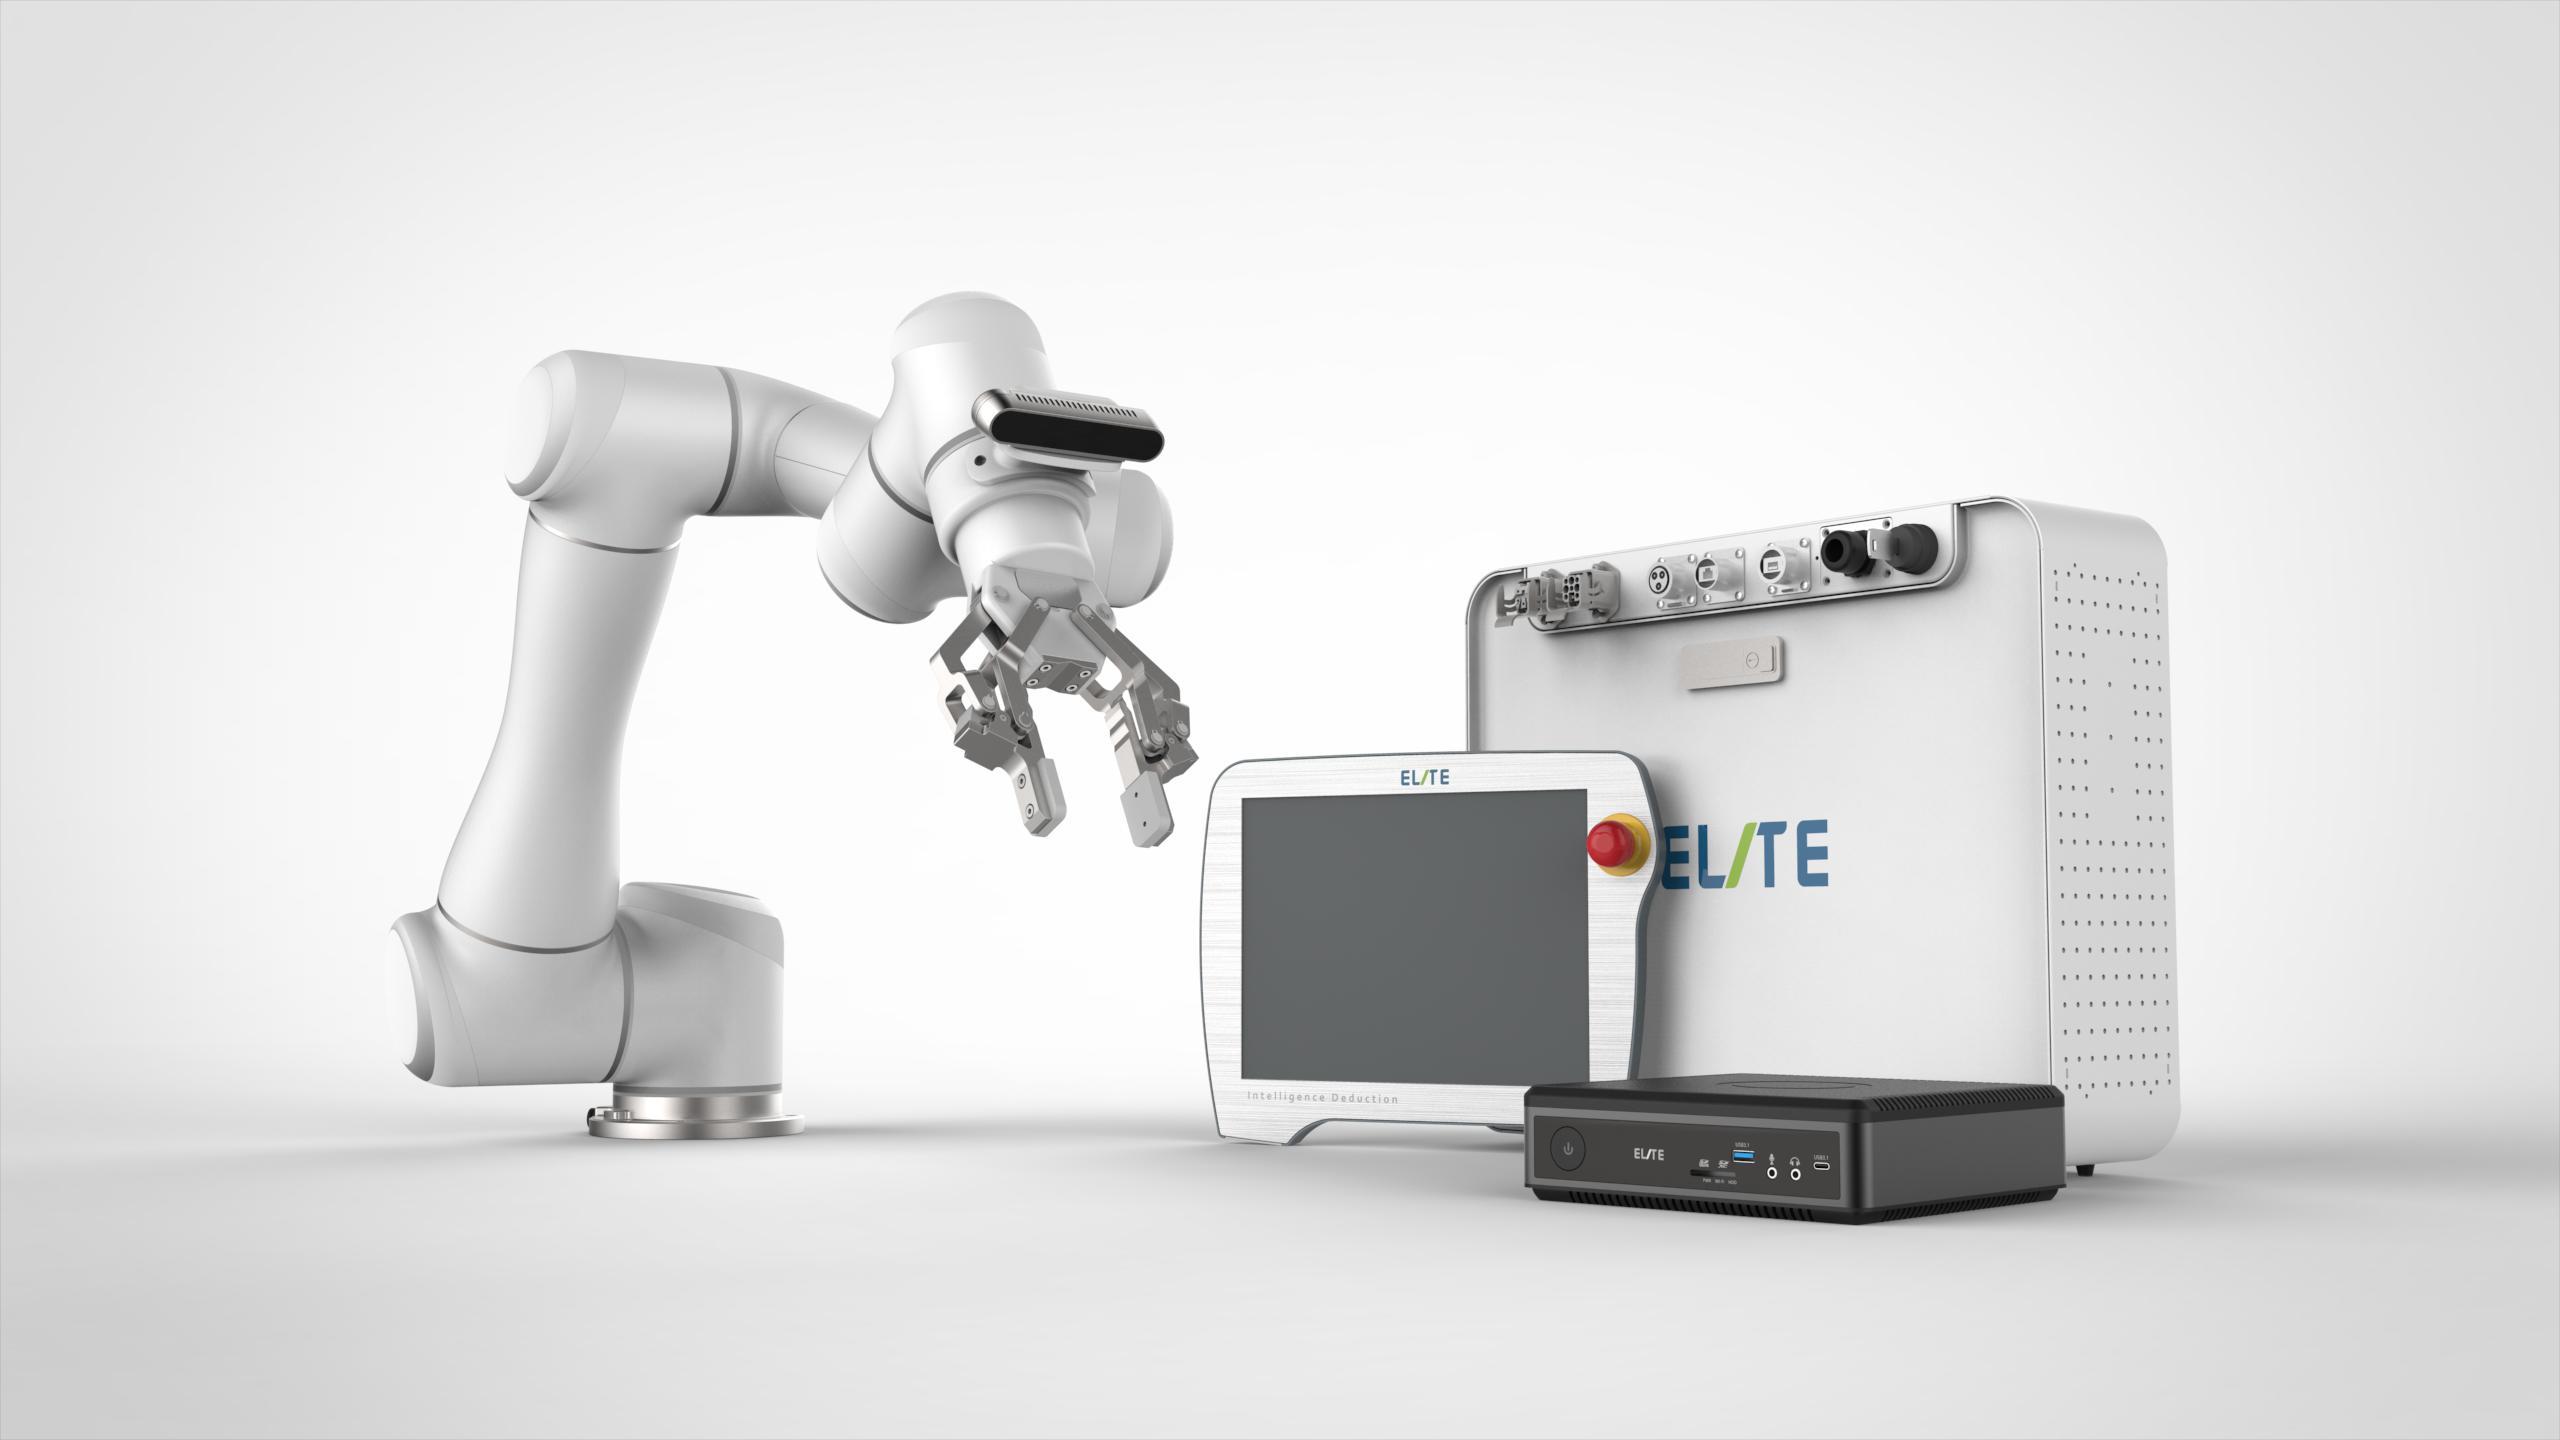 国产协作机器人品牌首次问鼎国内协作机器人行业销量榜首